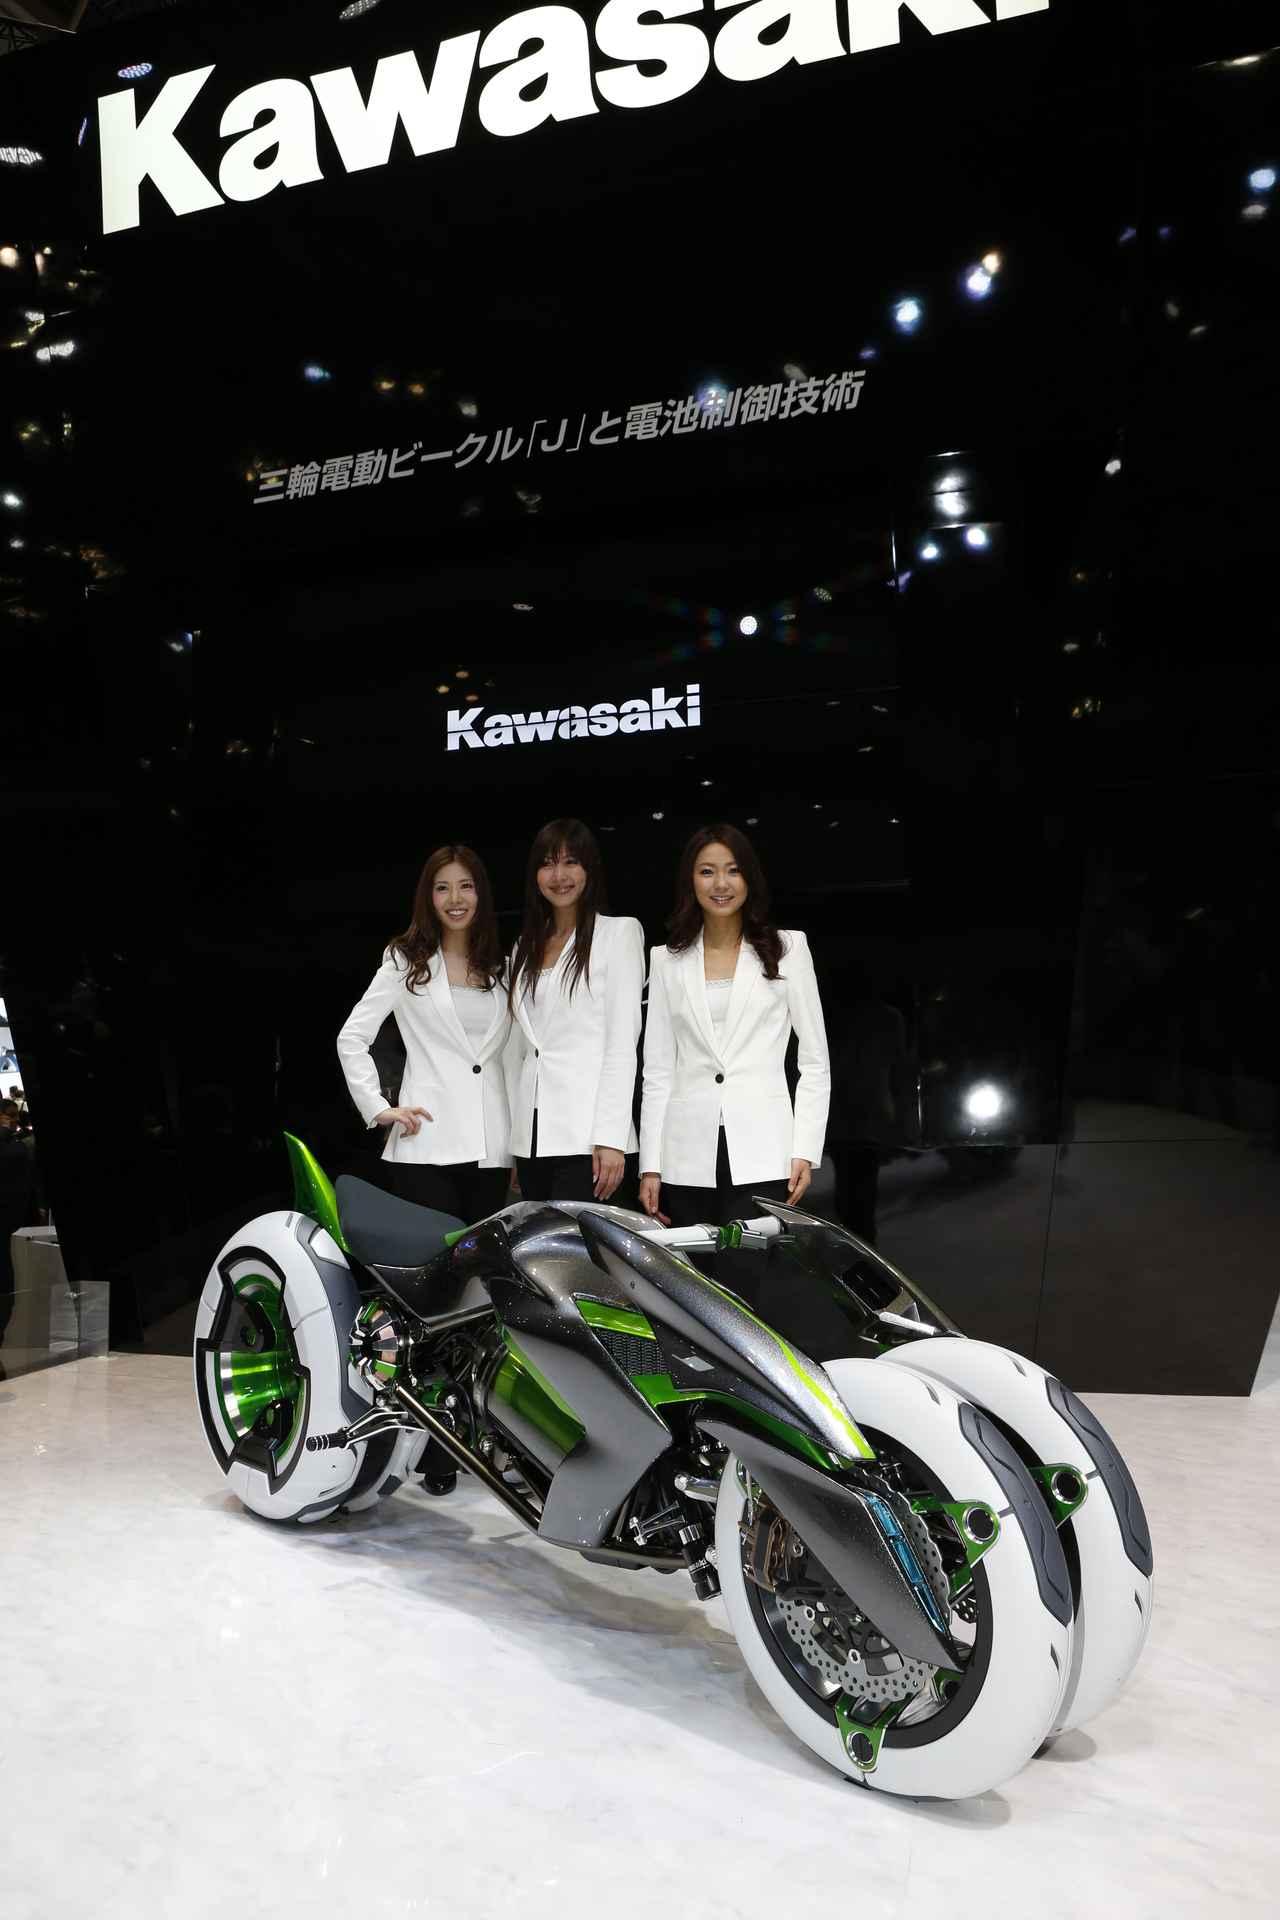 Images : 2番目の画像 - カワサキ「J」の写真をもっと見る! - webオートバイ